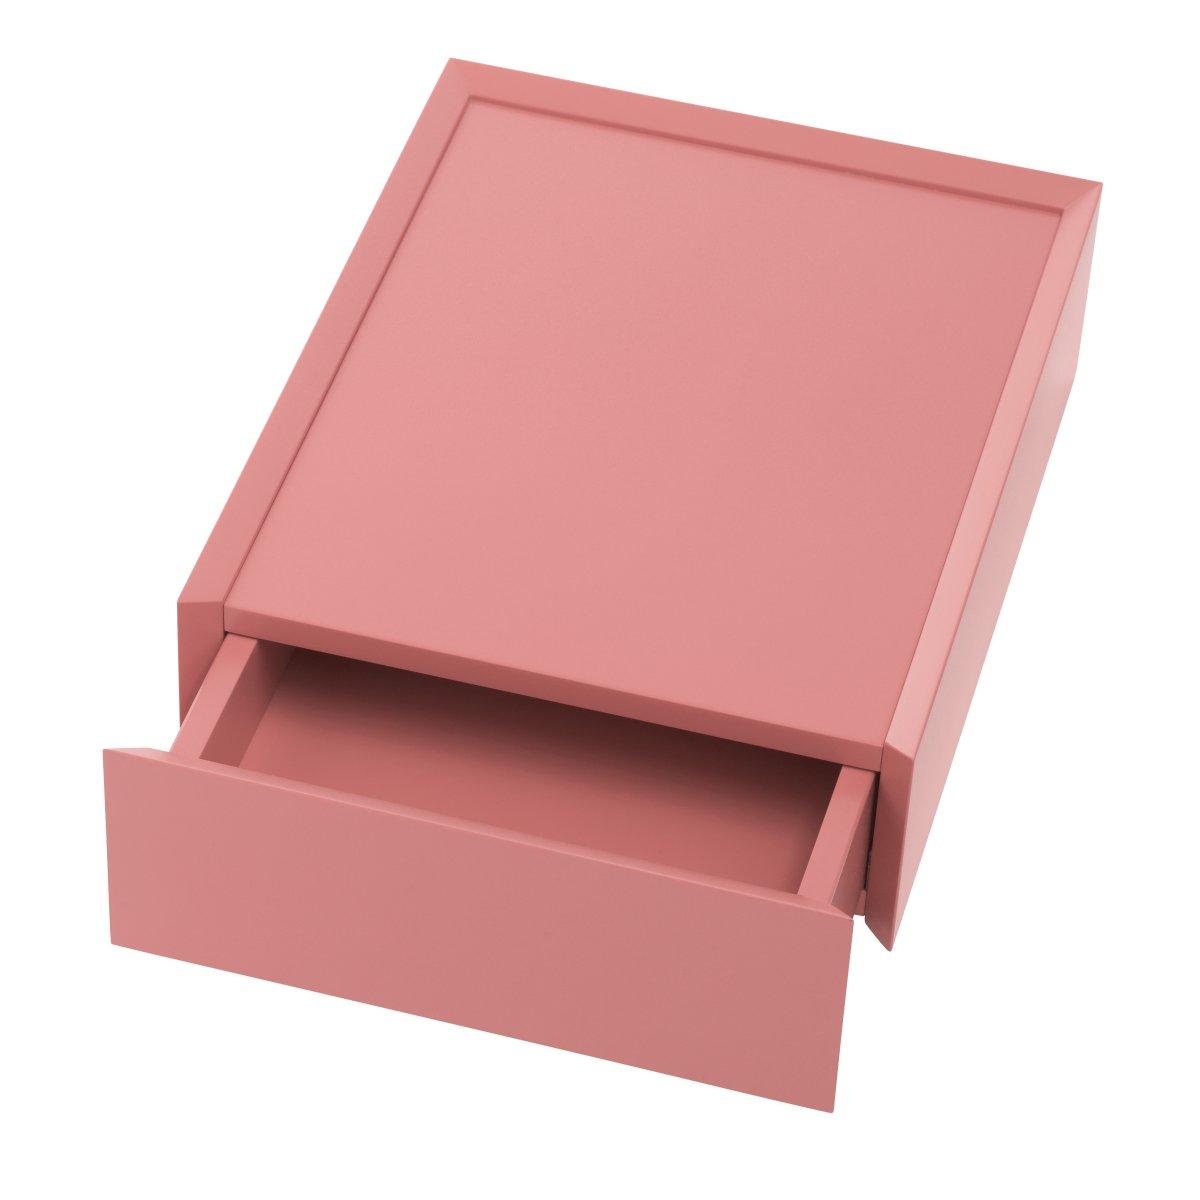 SOUVENIR Schubkastenbox 27 flamingo pink (38)